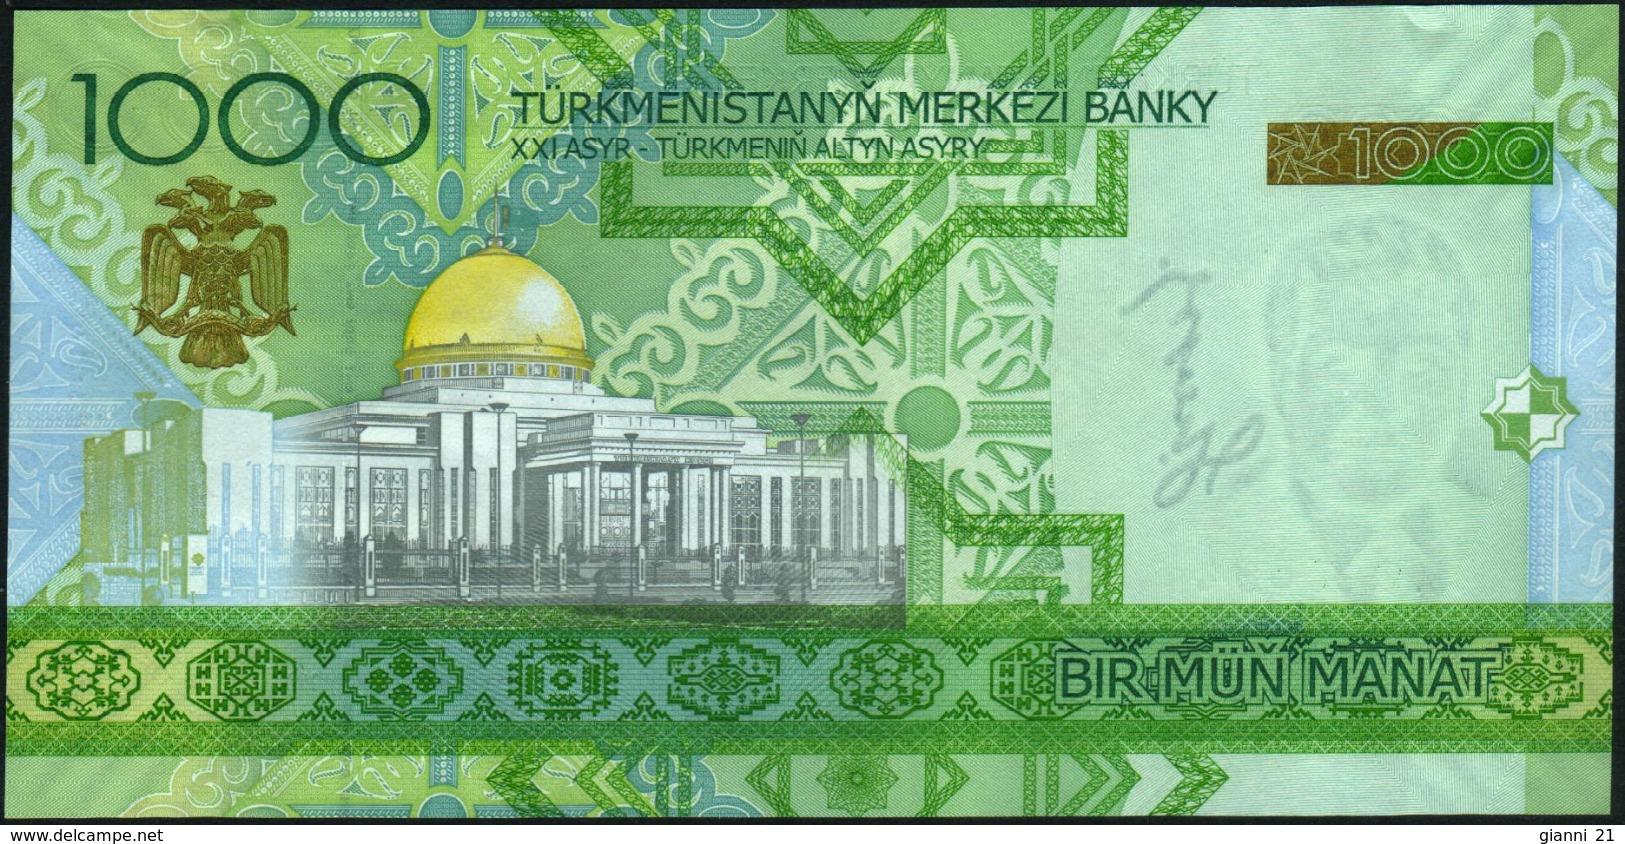 TURKMENISTAN - 1.000 Manat 2005 {Türkmenistanyň Merkezi Banky} UNC P.20 - Turkménistan